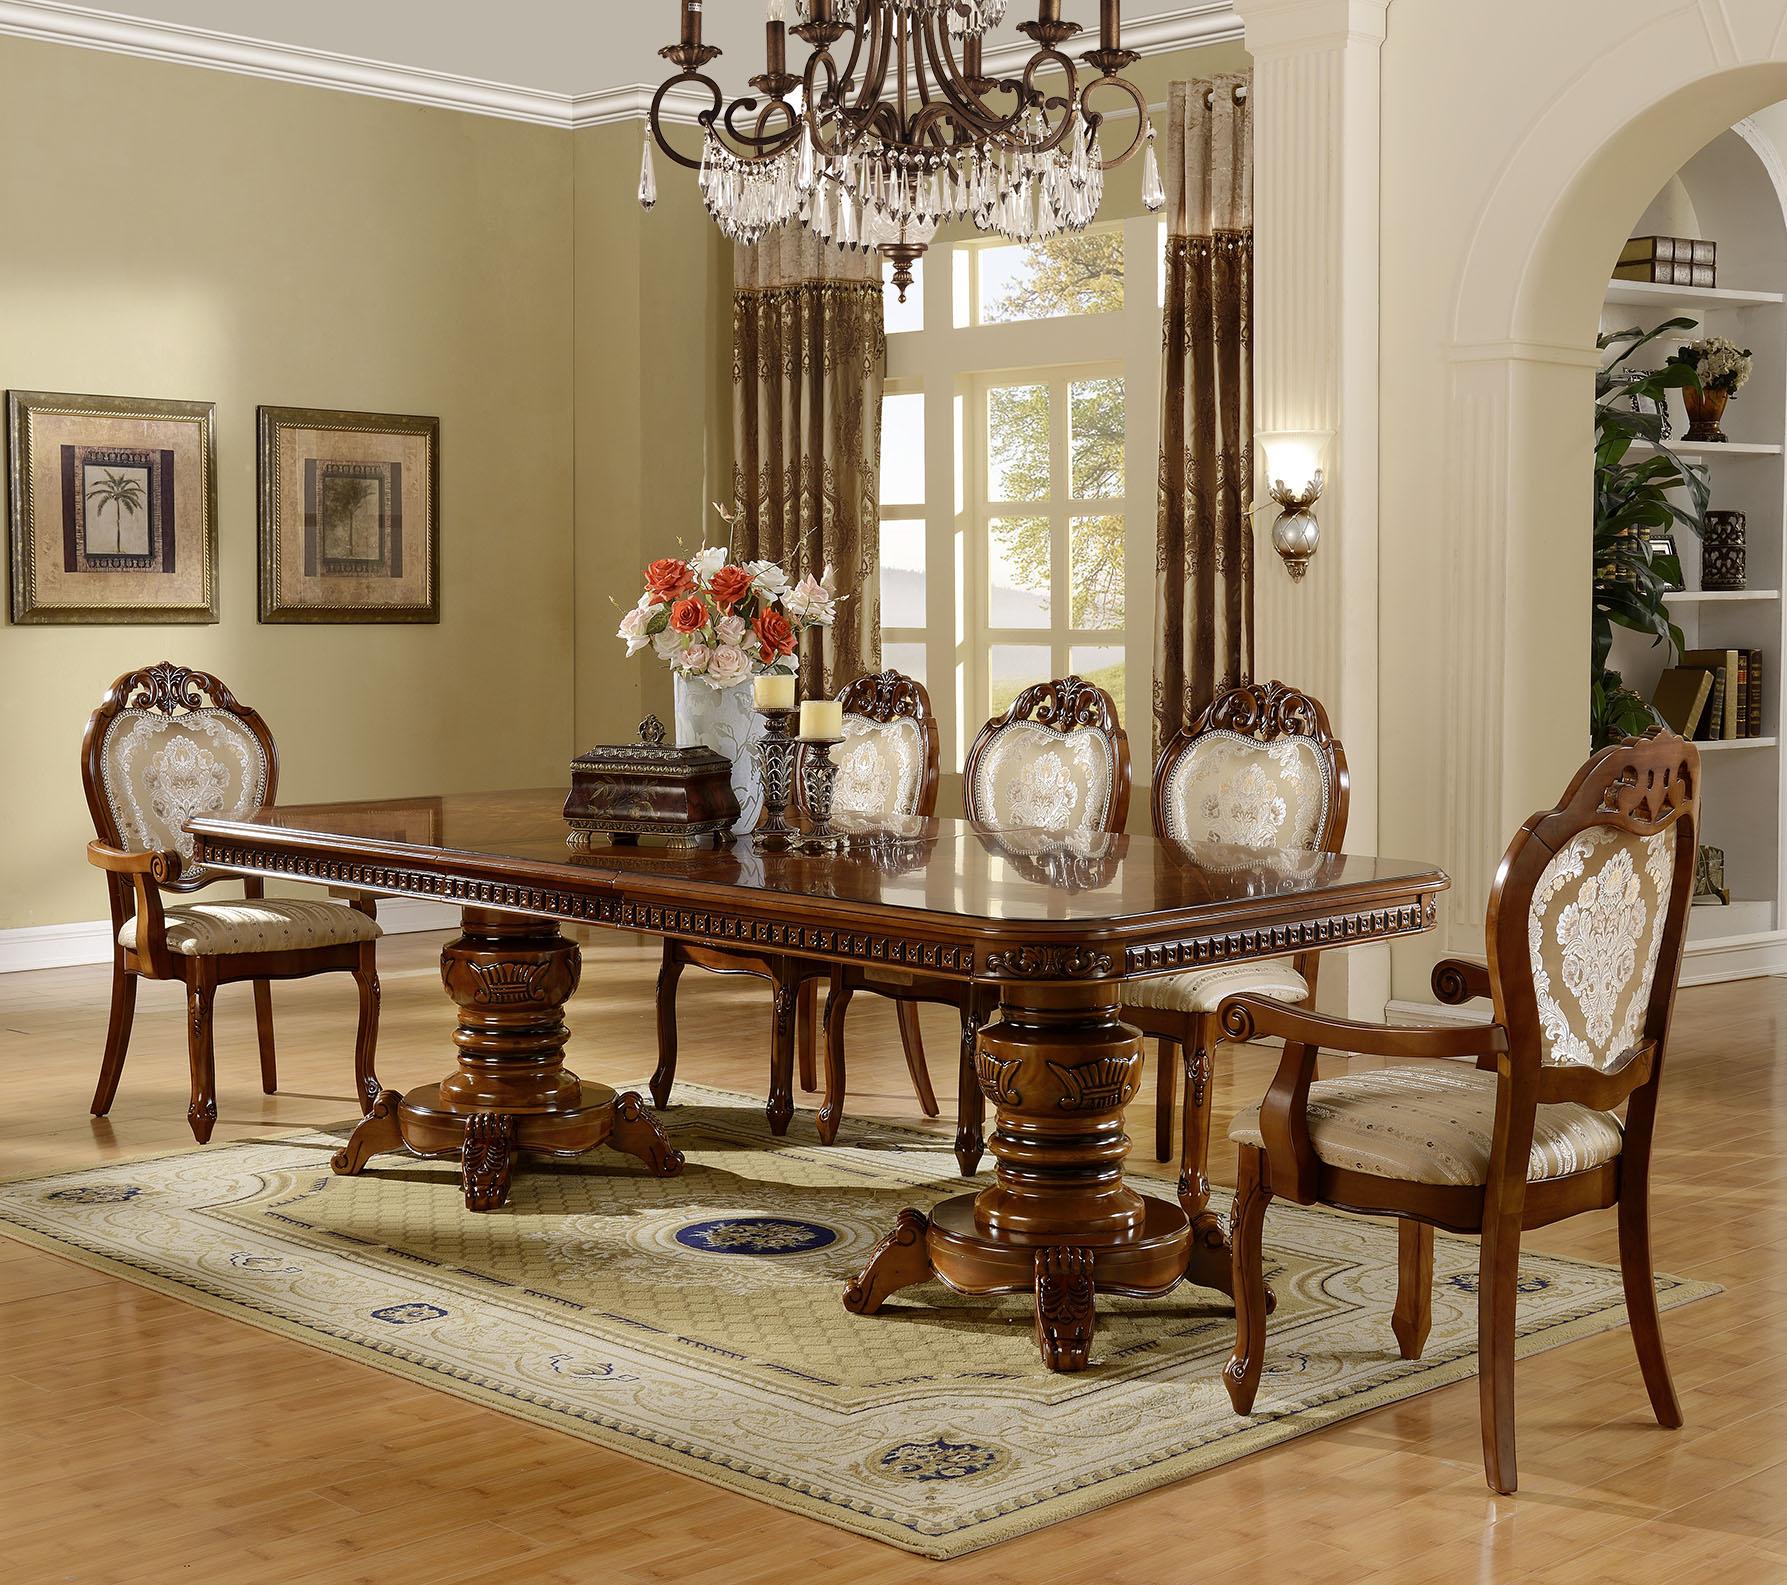 Обеденный стол и стулья из миланского ореха